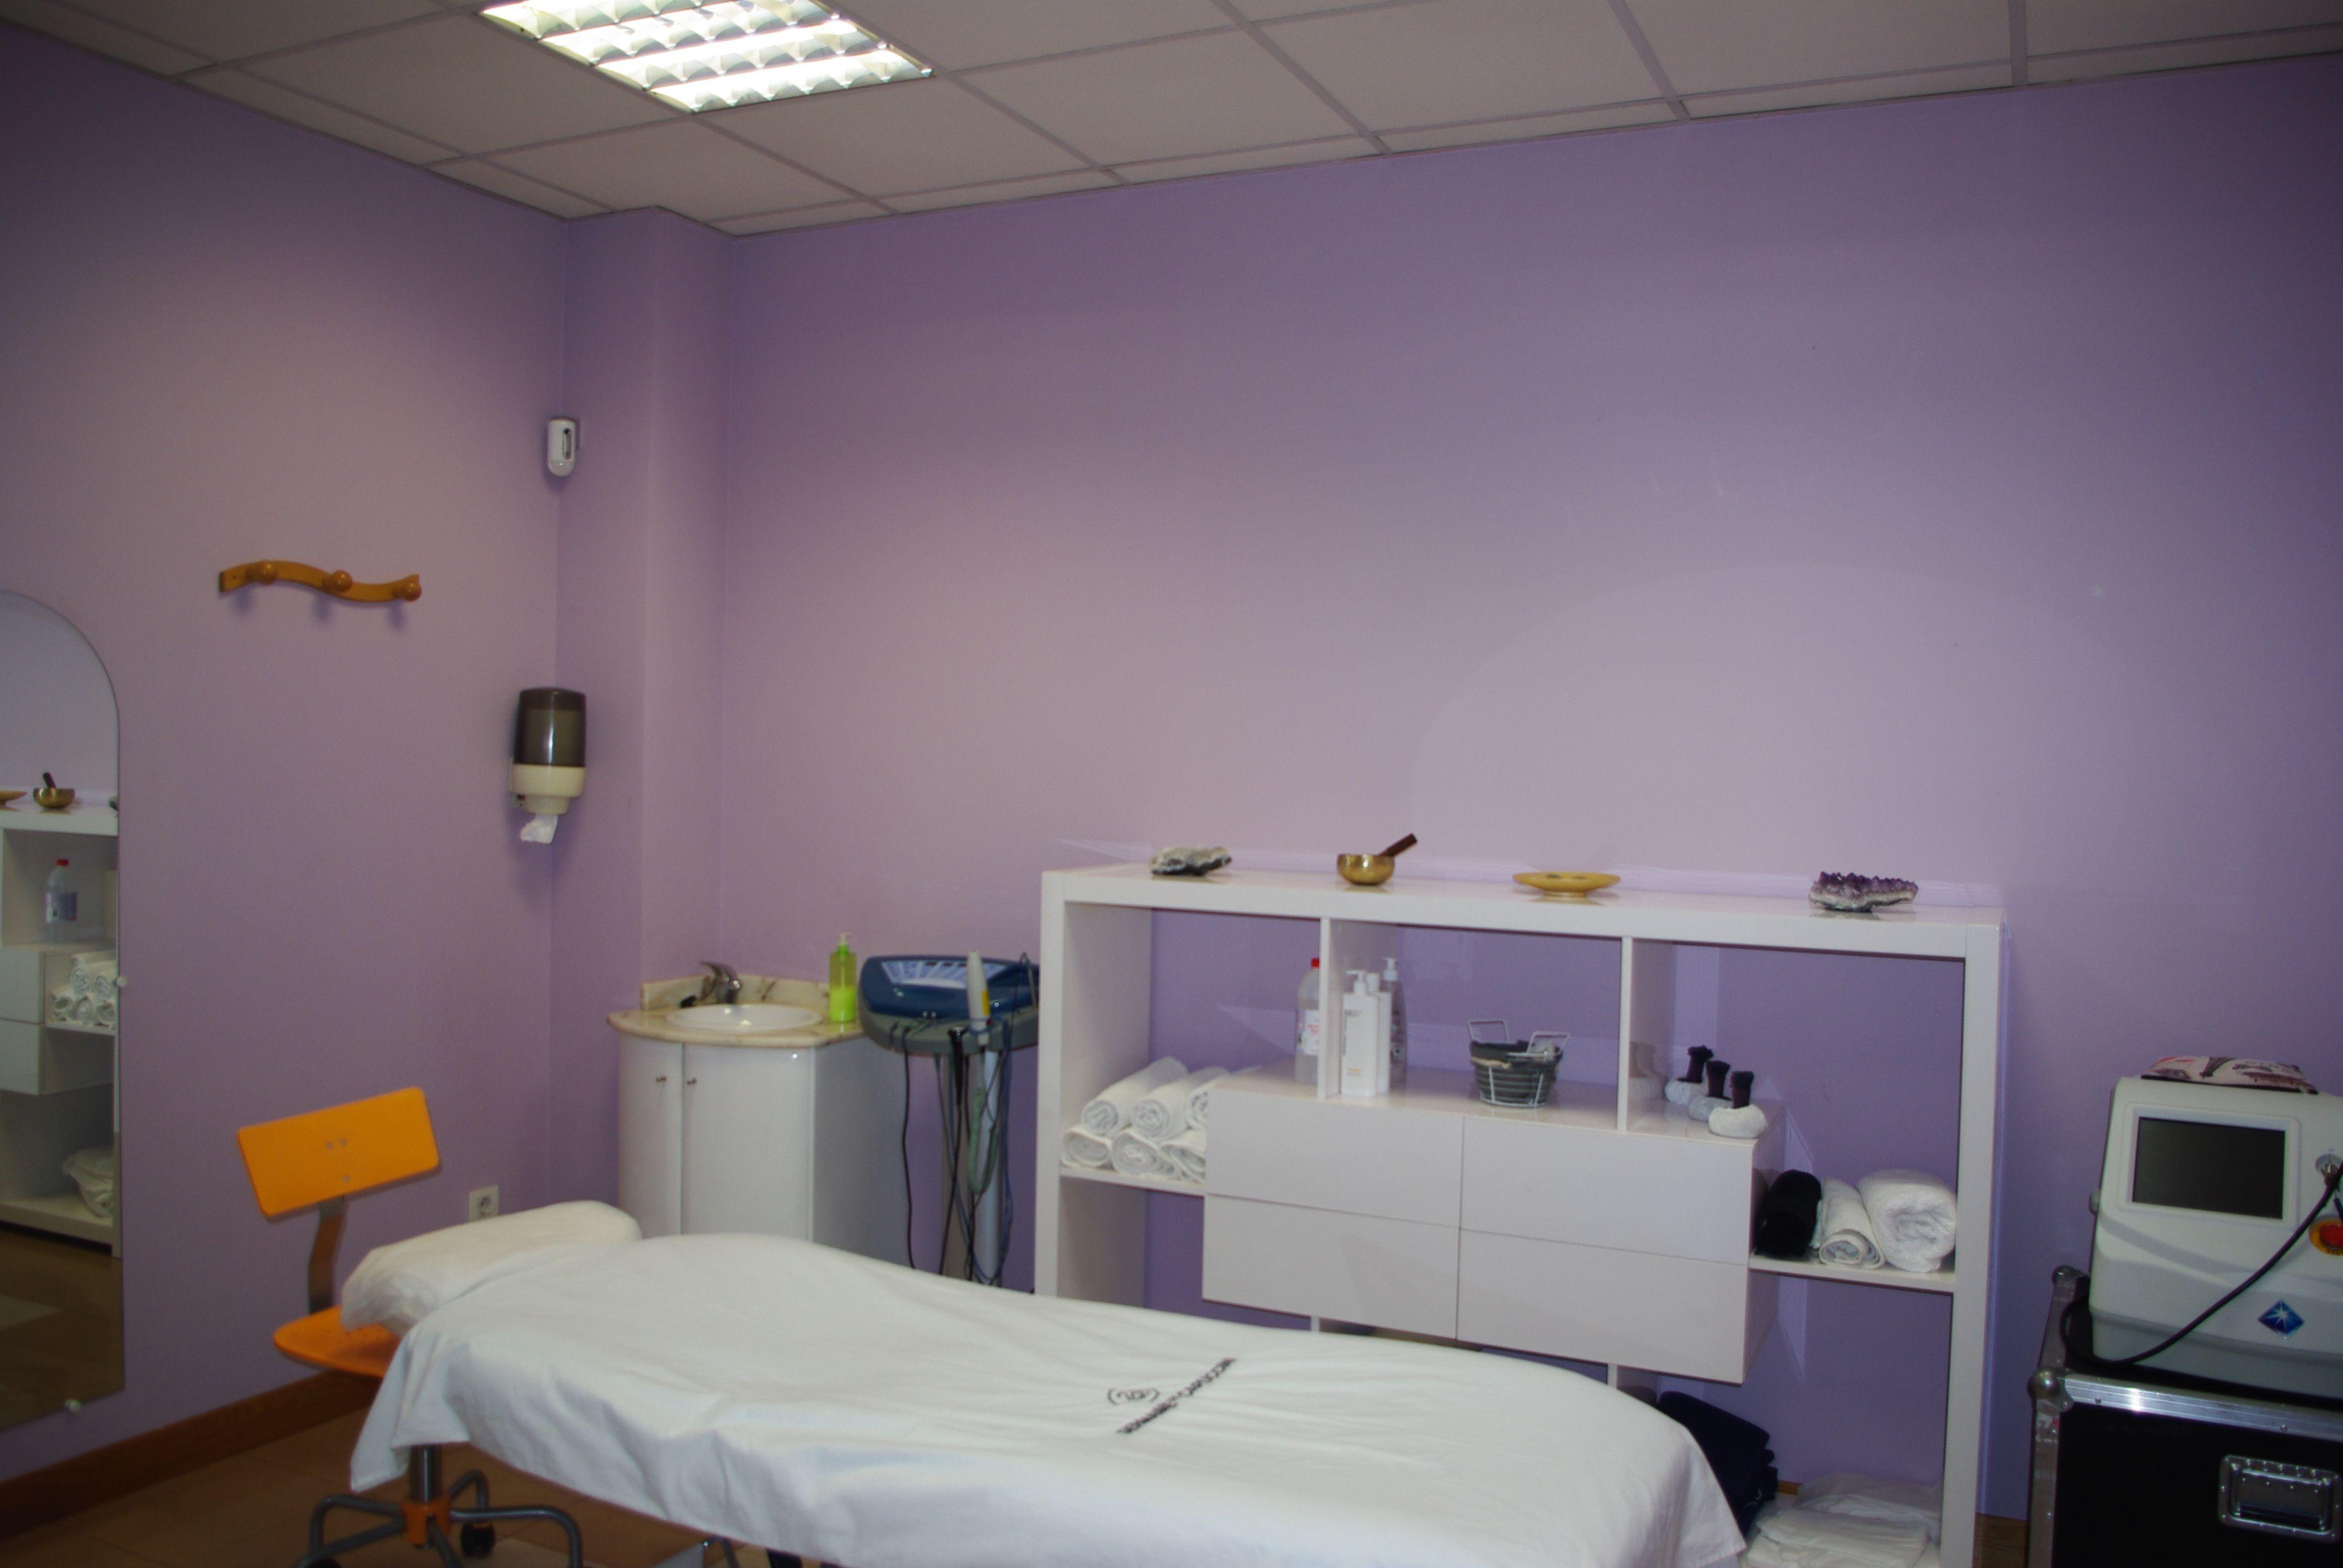 Tratamientos de belleza y masajes en Pamplona